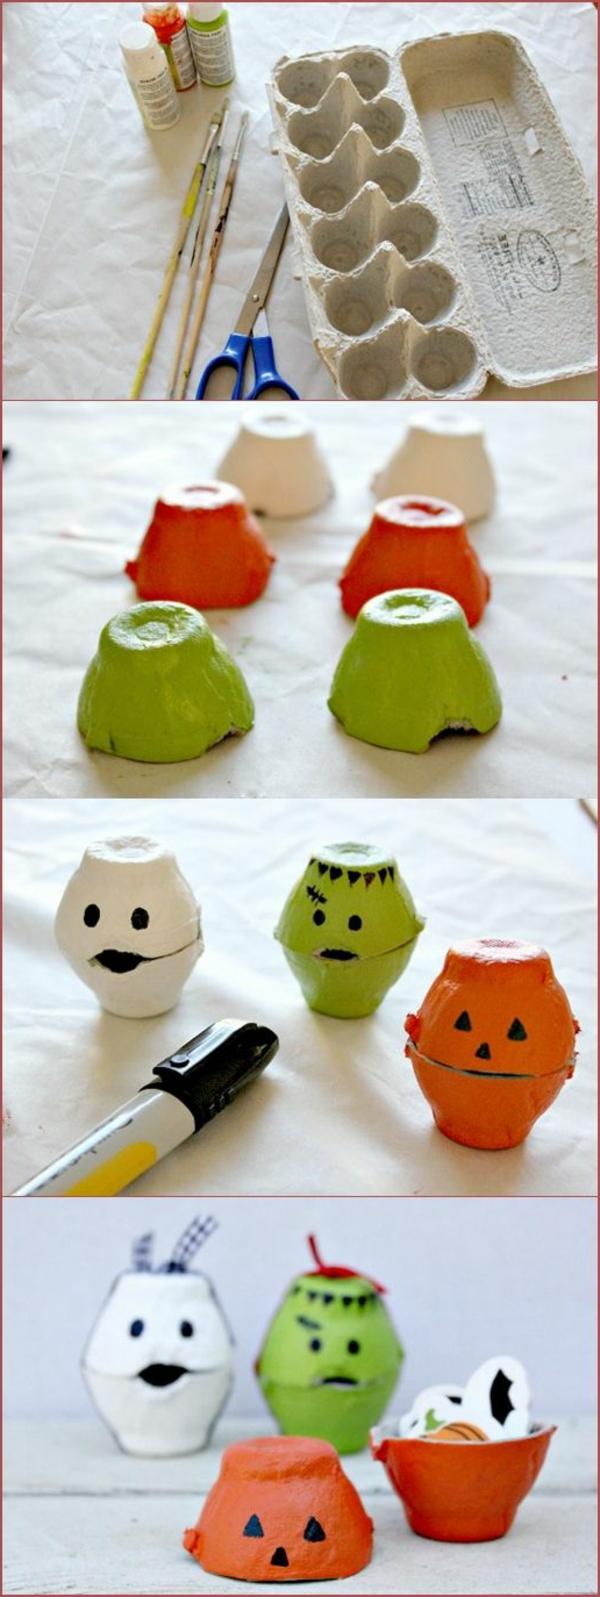 coole bastelideen eierschachtel farbige figuren